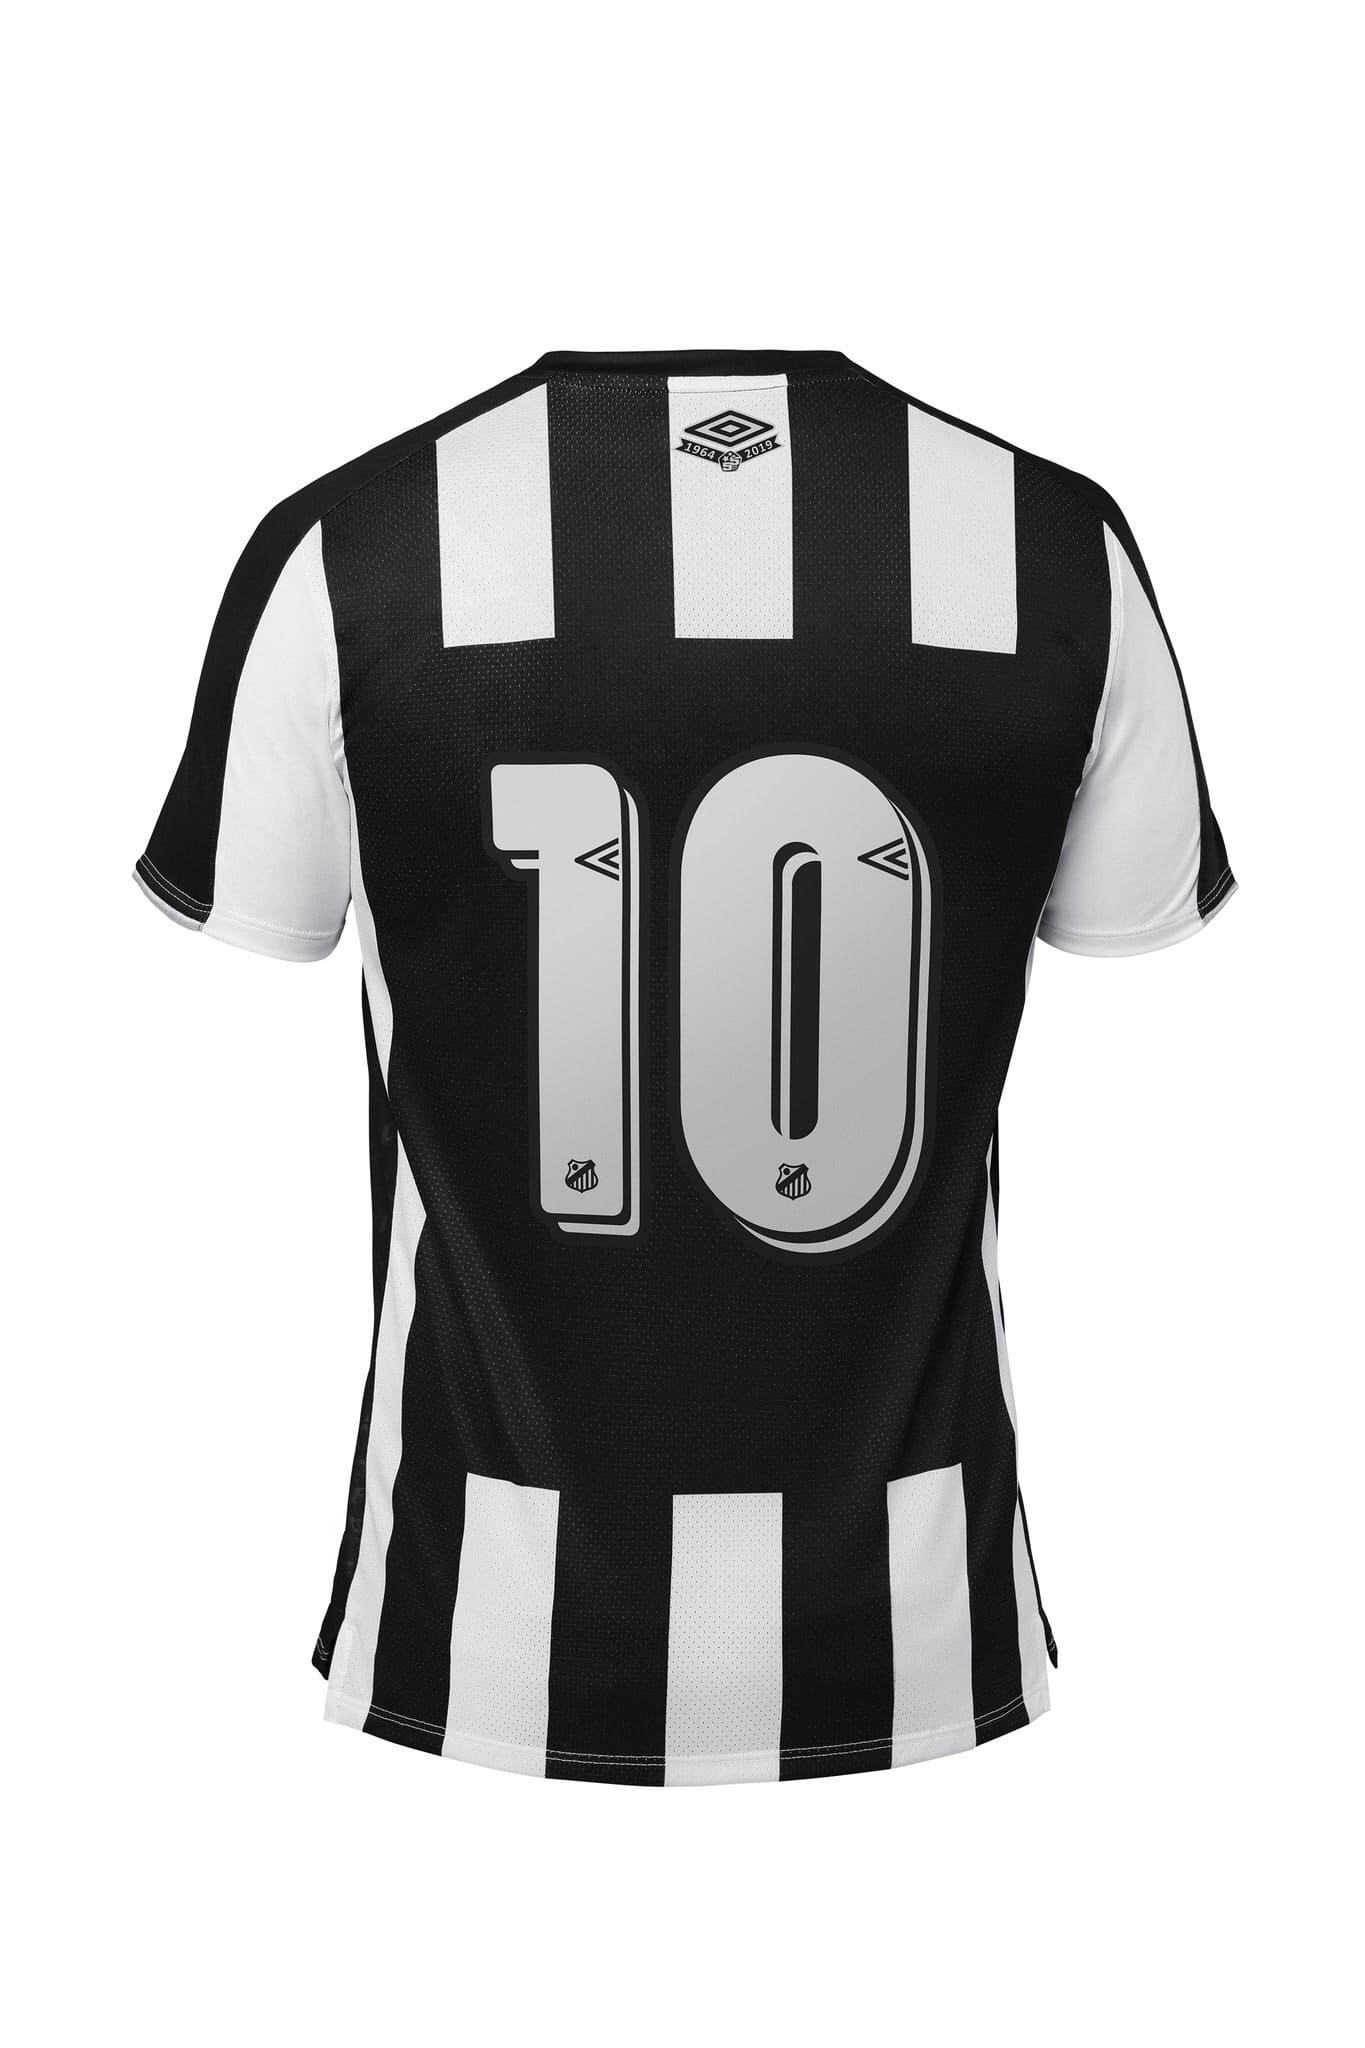 Santos 2019 Umbro Away Kit